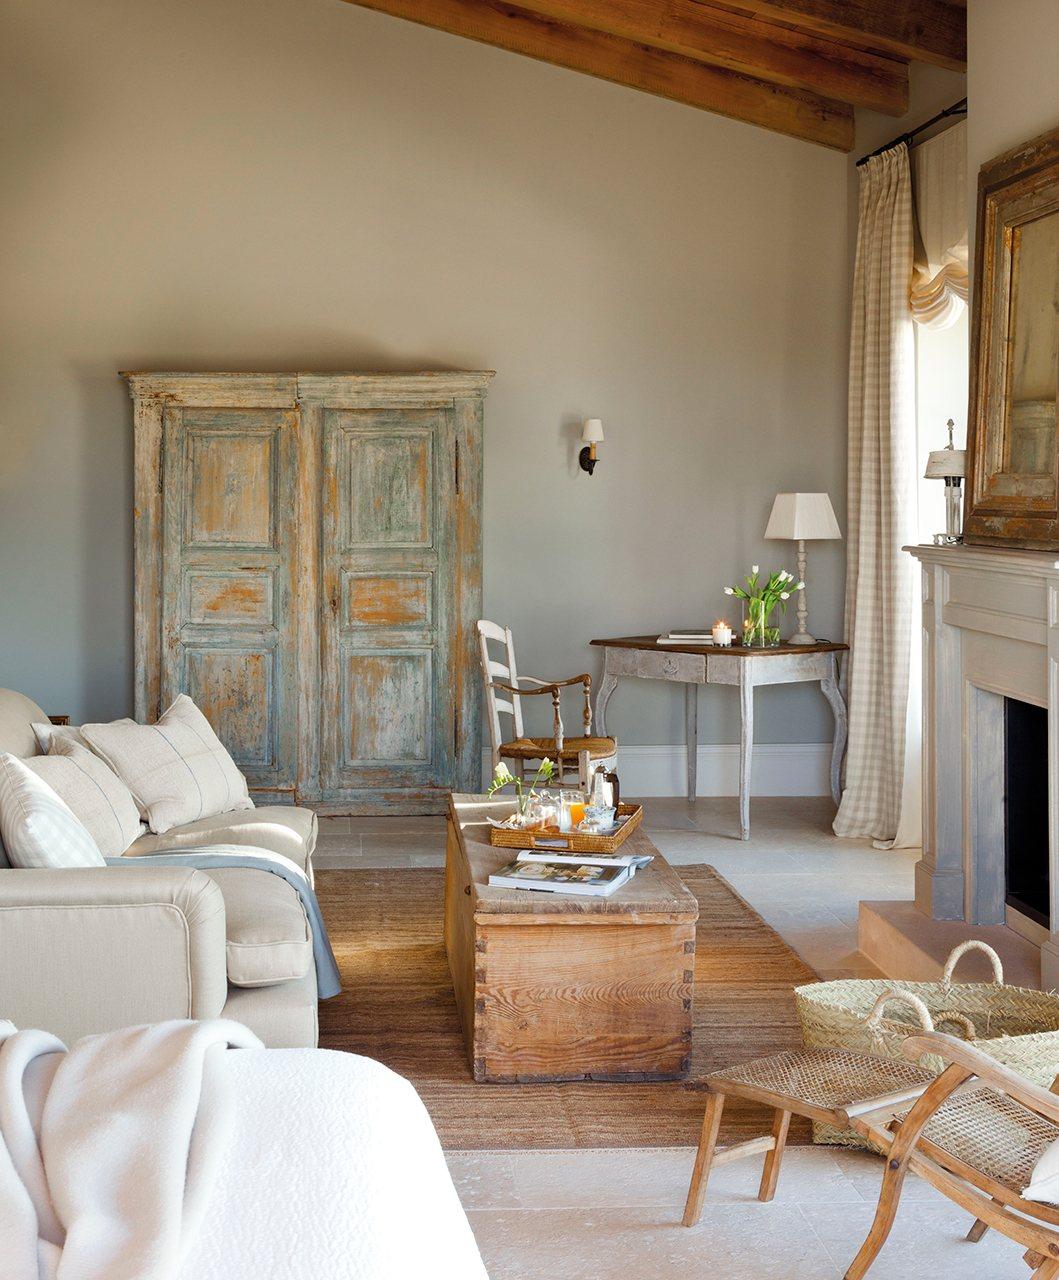 12 buenas ideas para decorar el sal n con estilo - Imagenes de salones decorados ...